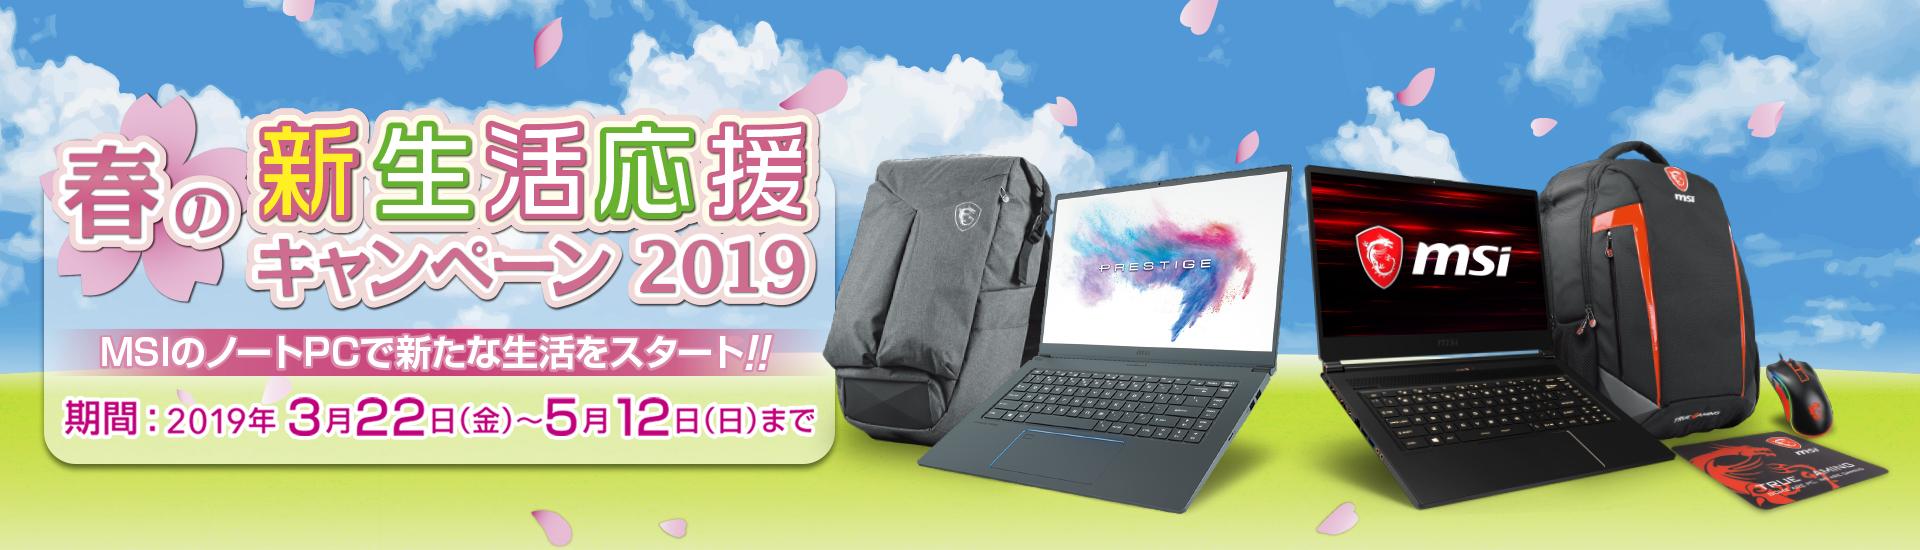 新生活応援キャンペーン 2019